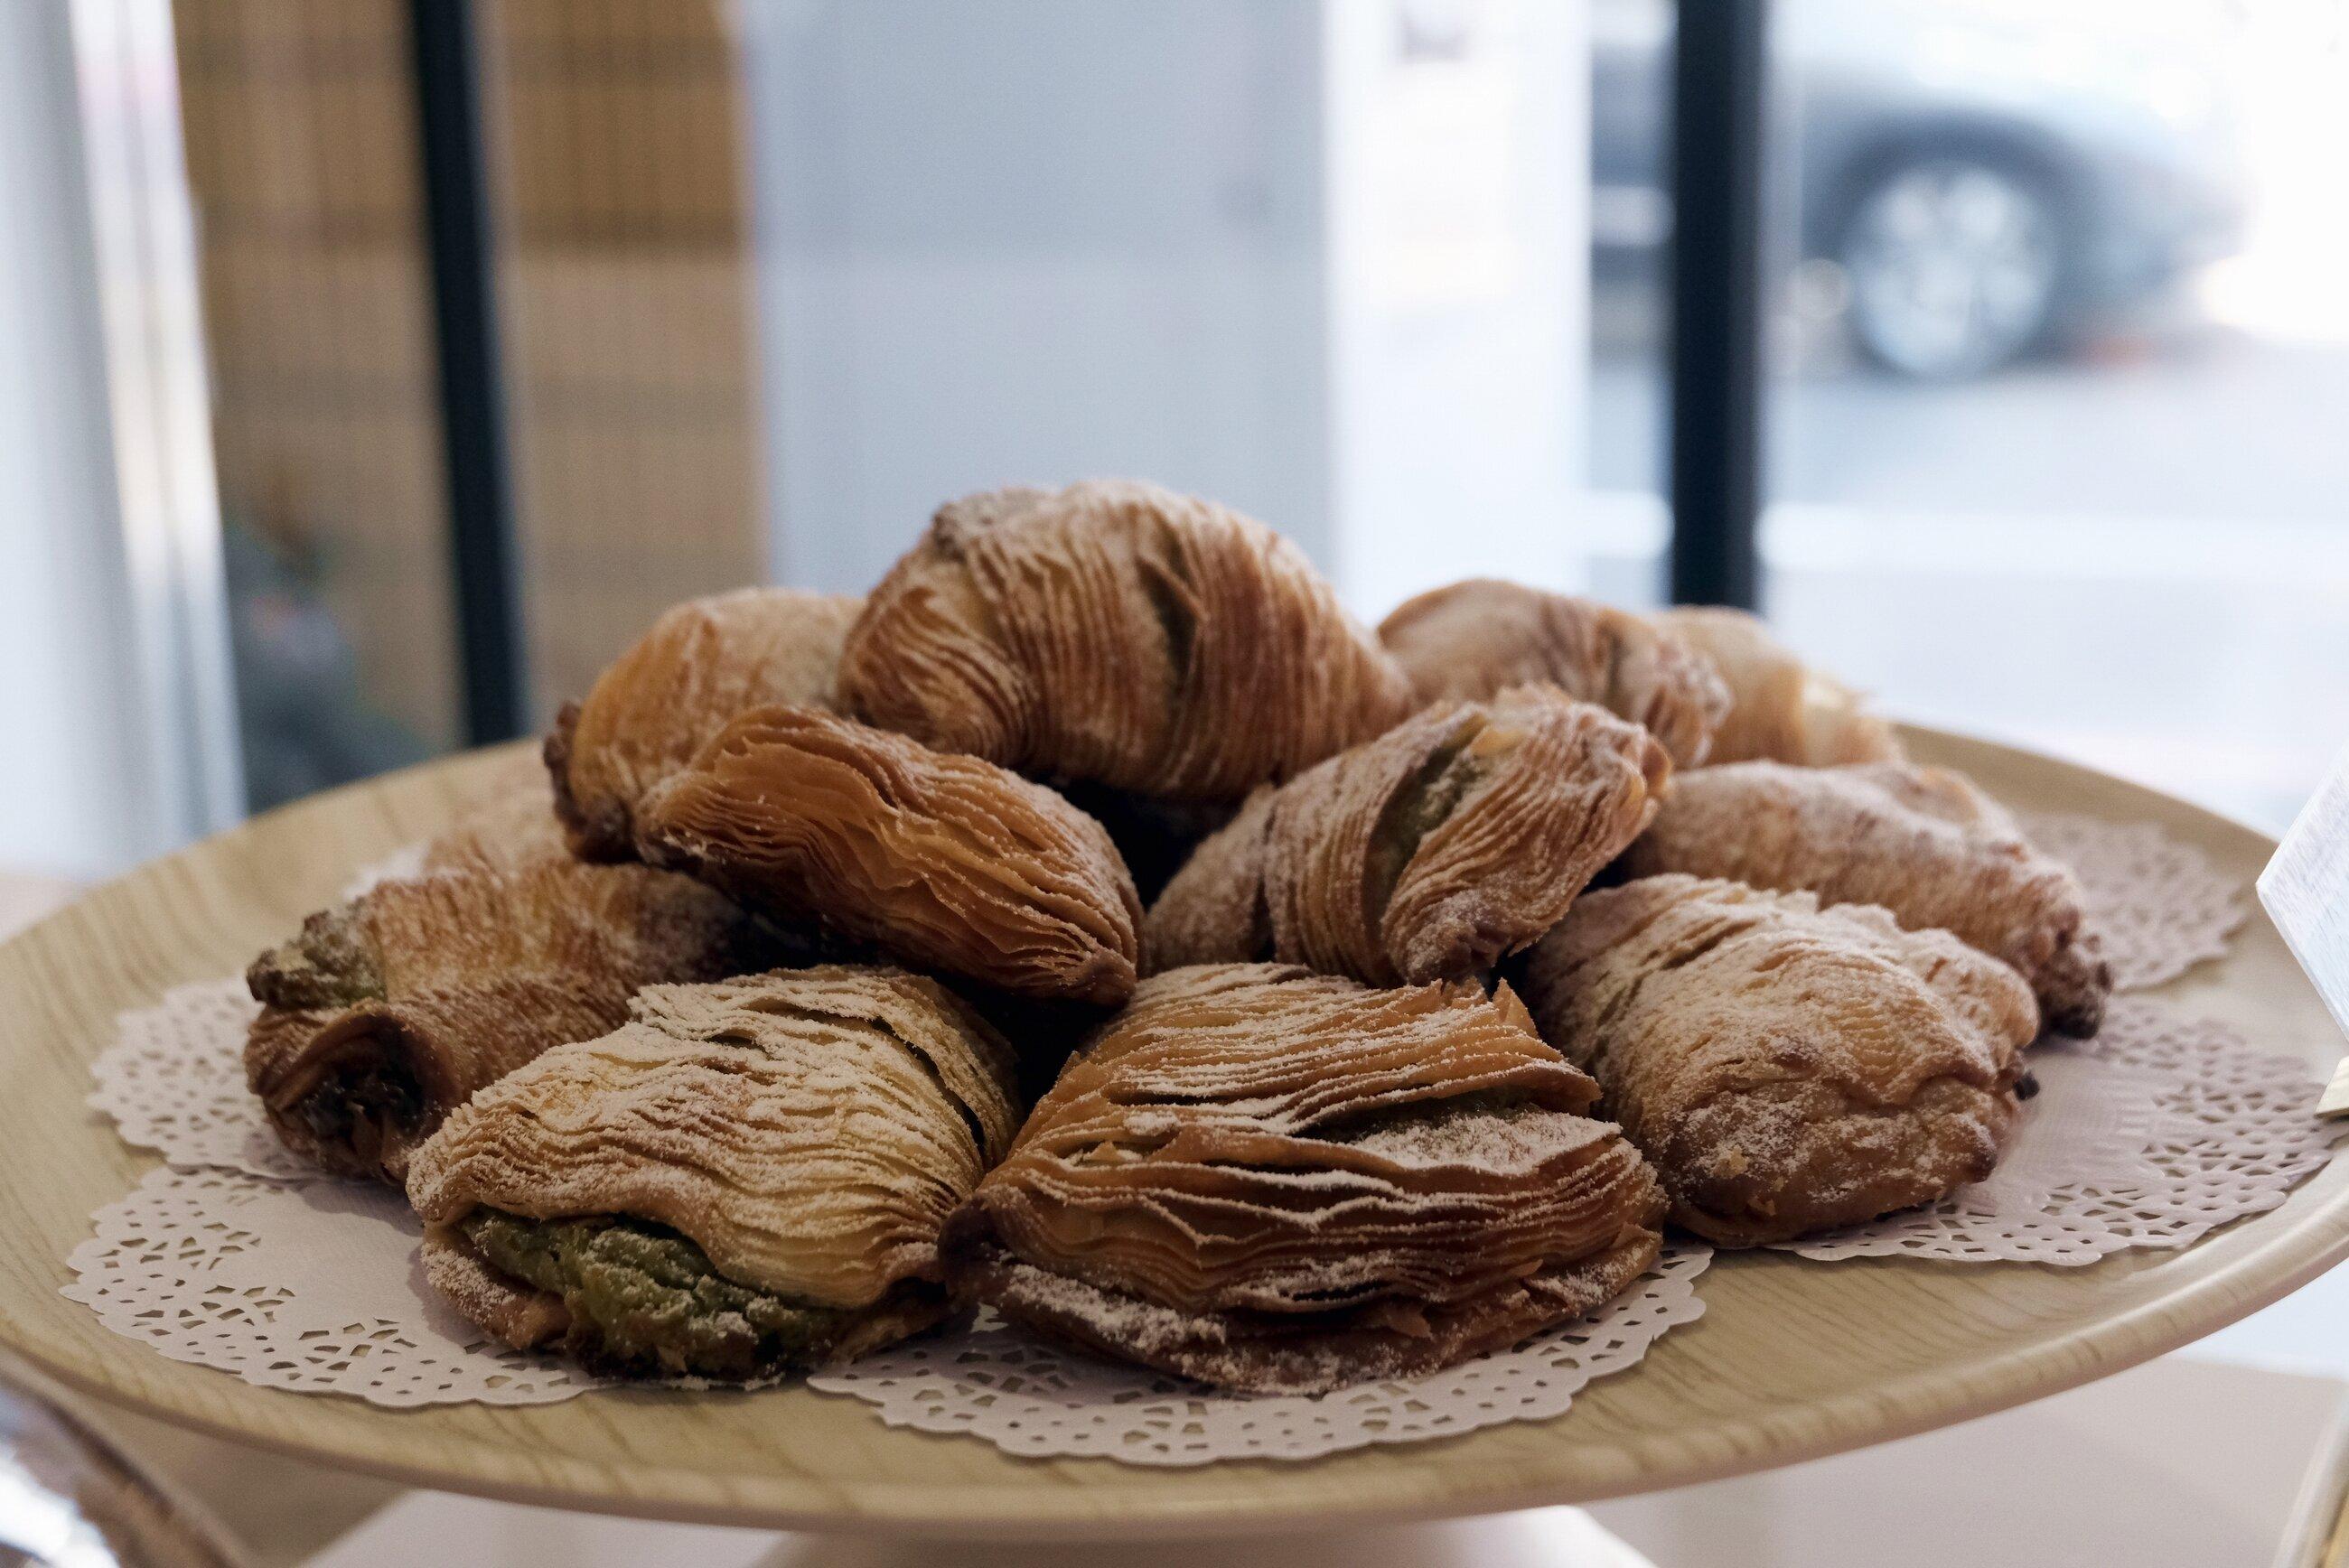 Sfogliatelle 貝殼酥外型多層次,足見手工繁雜與細緻。